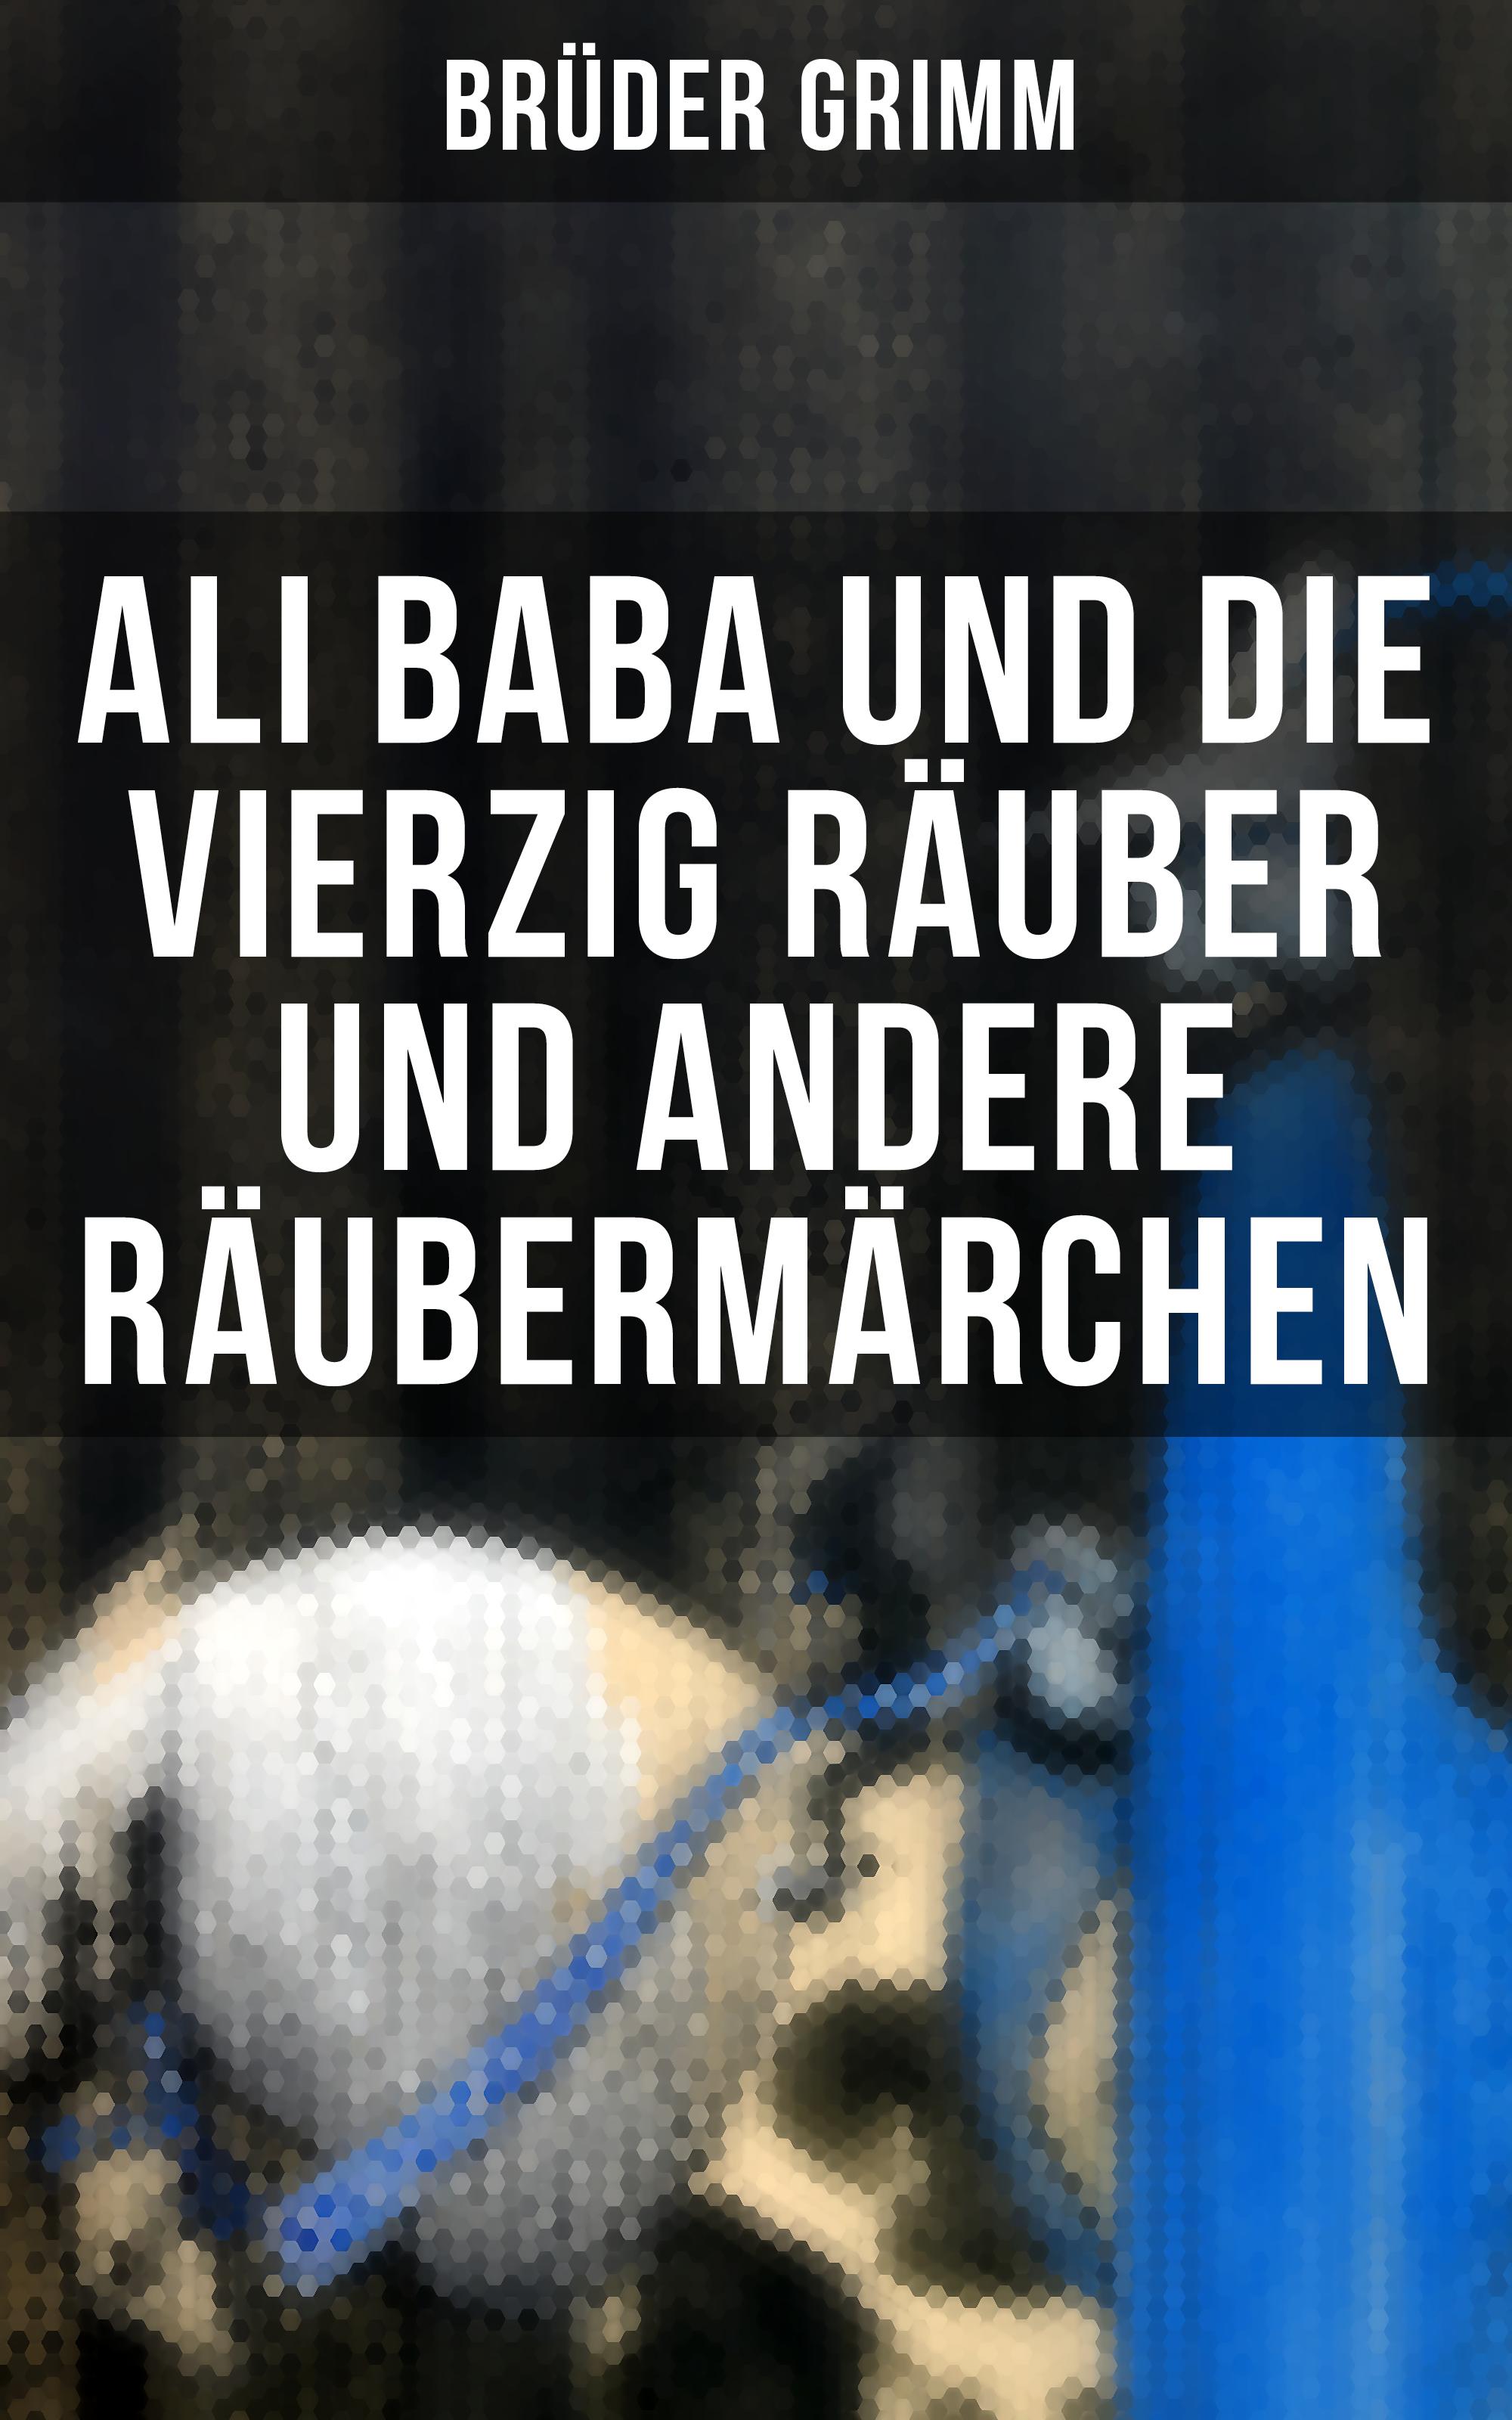 Вильгельм Гауф Ali Baba und die vierzig Räuber und andere Räubermärchen вильгельм гауф ali baba und die vierzig räuber und andere räubermärchen